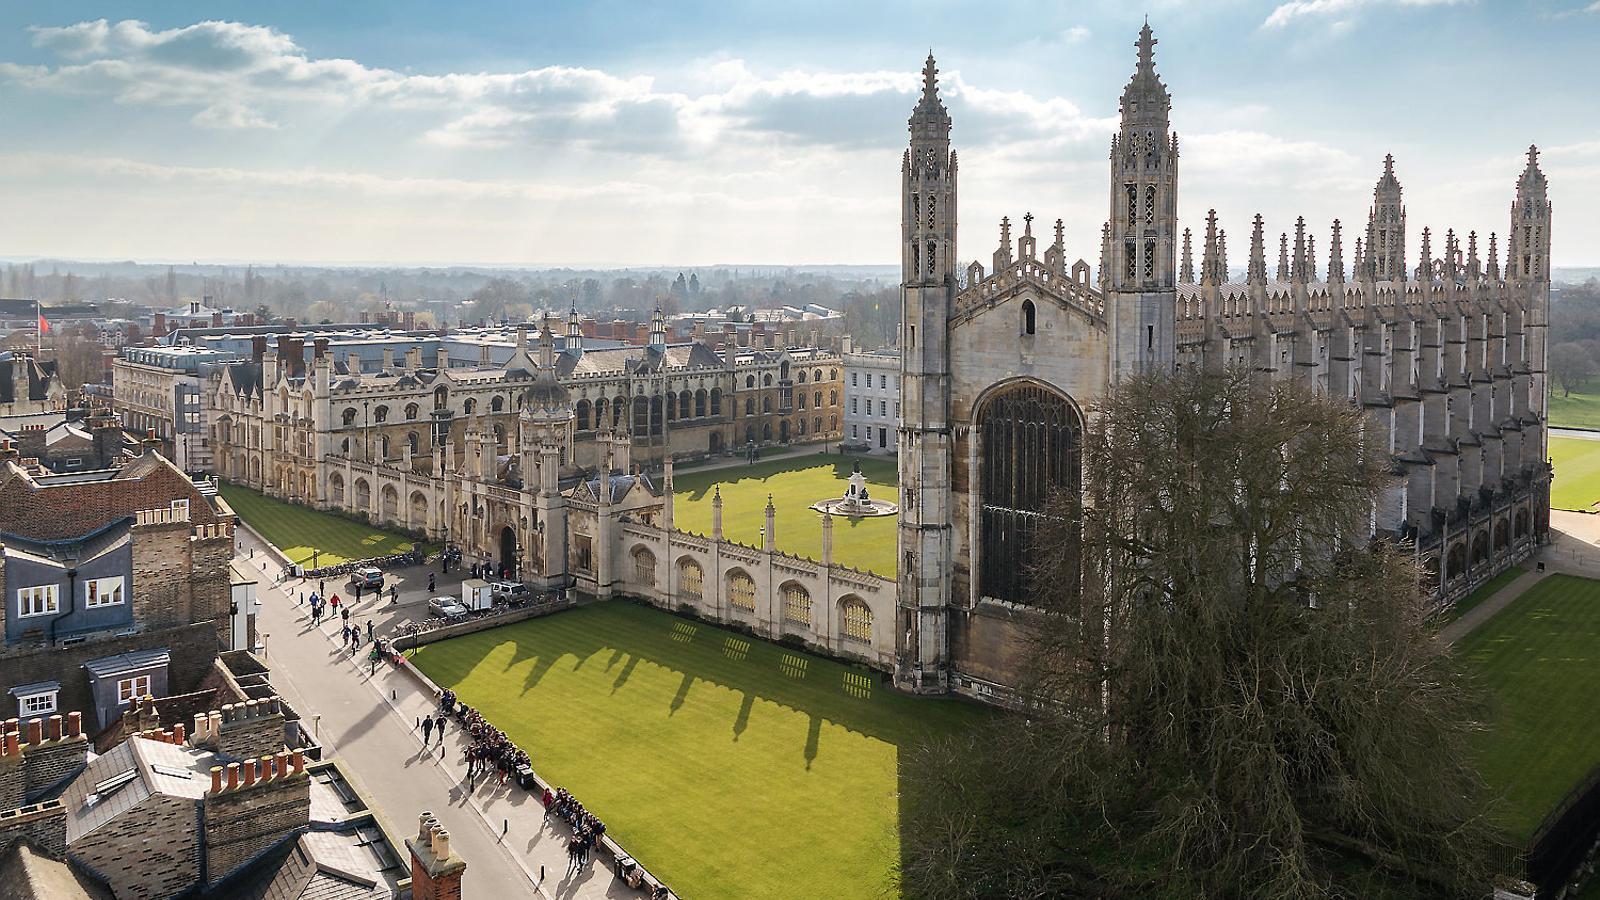 Cambridge i Oxford: una cultura masclista, racista i homòfoba